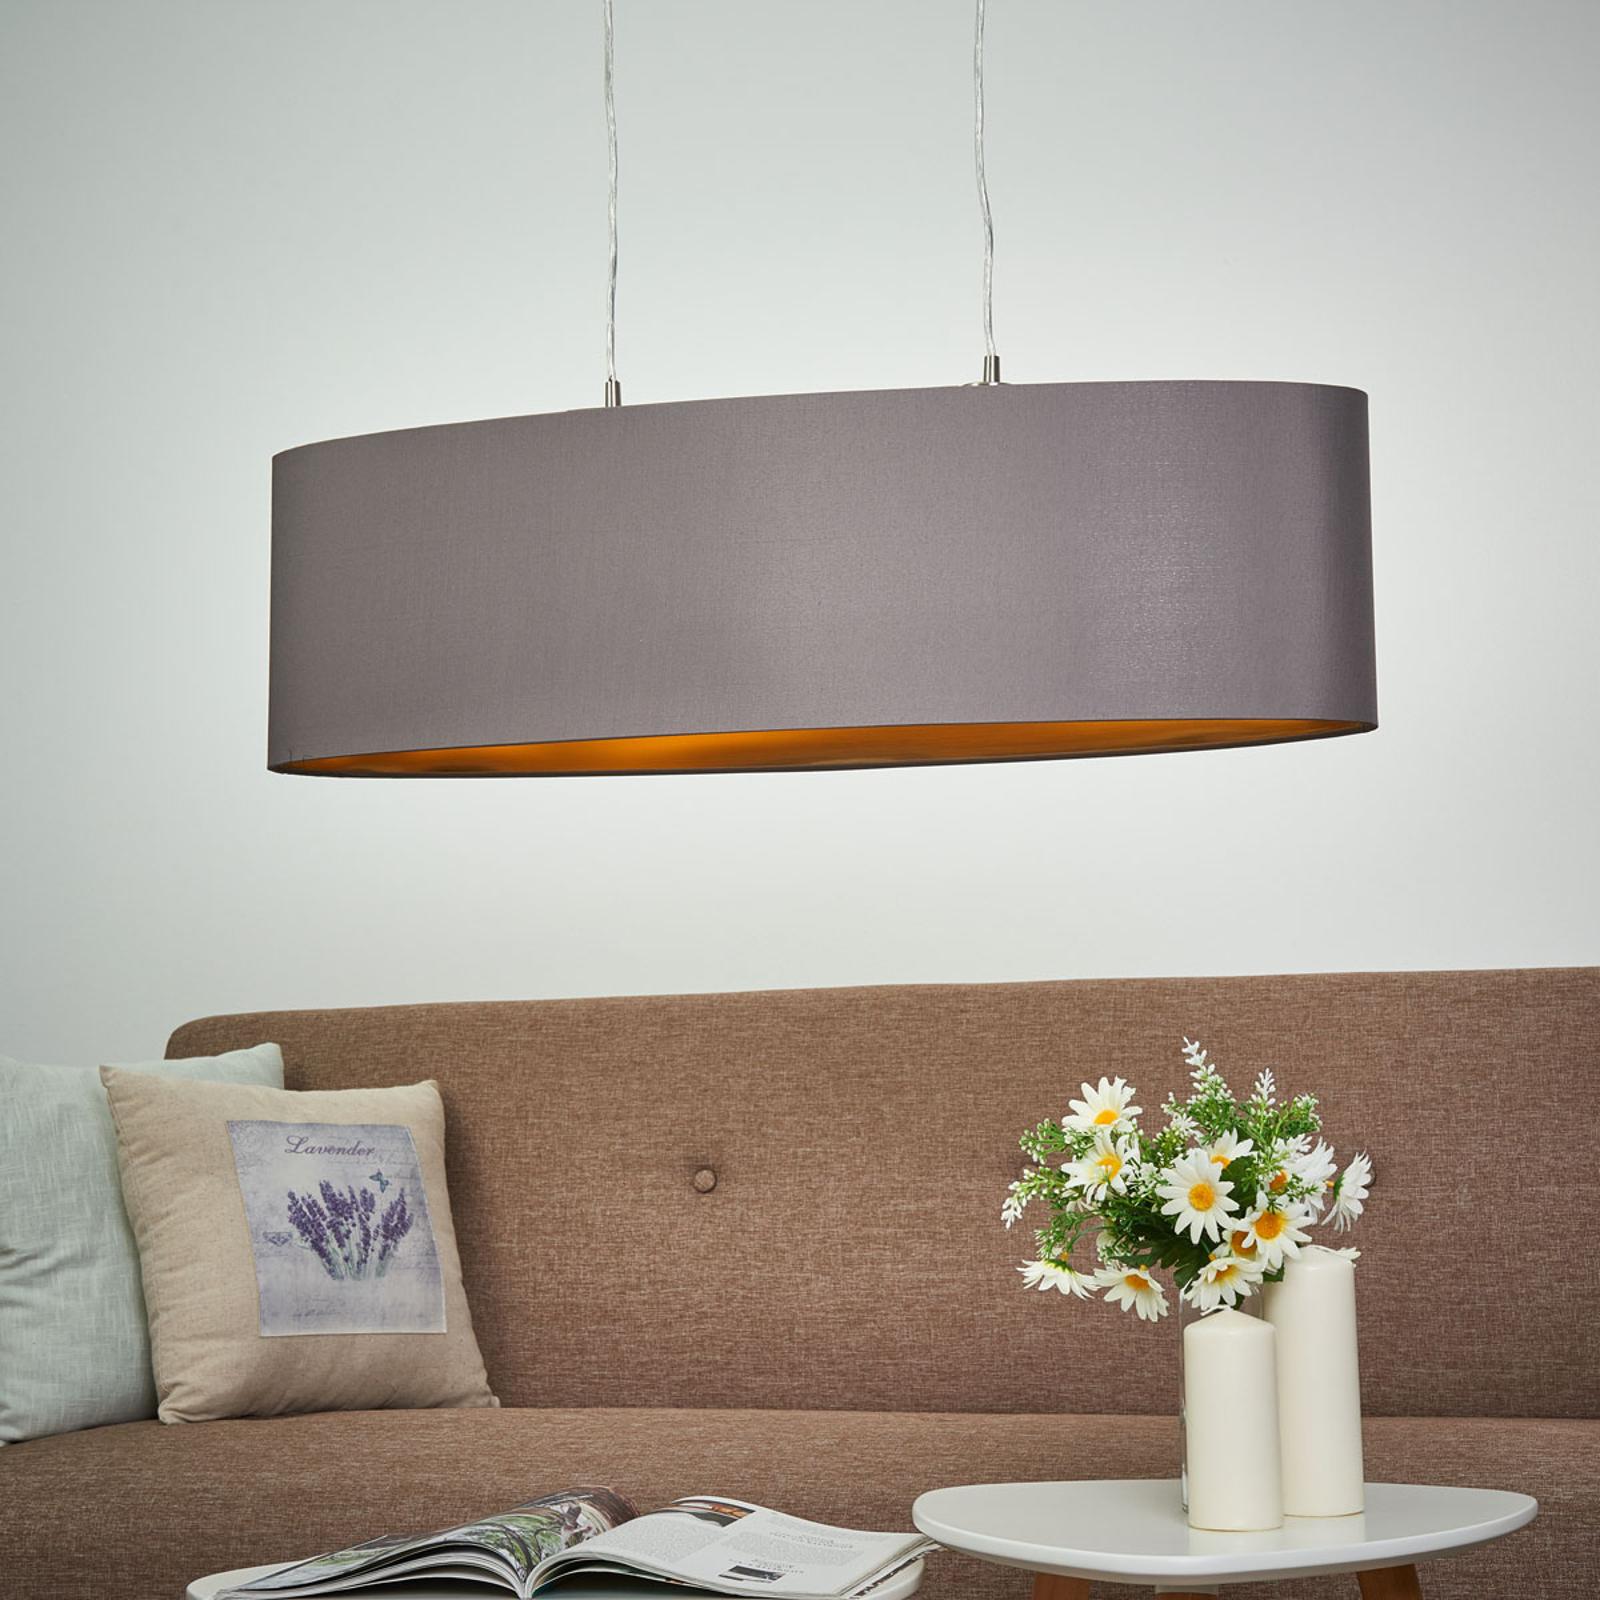 Oválna látková závesná lampa Carpi, 78 cm dlhá